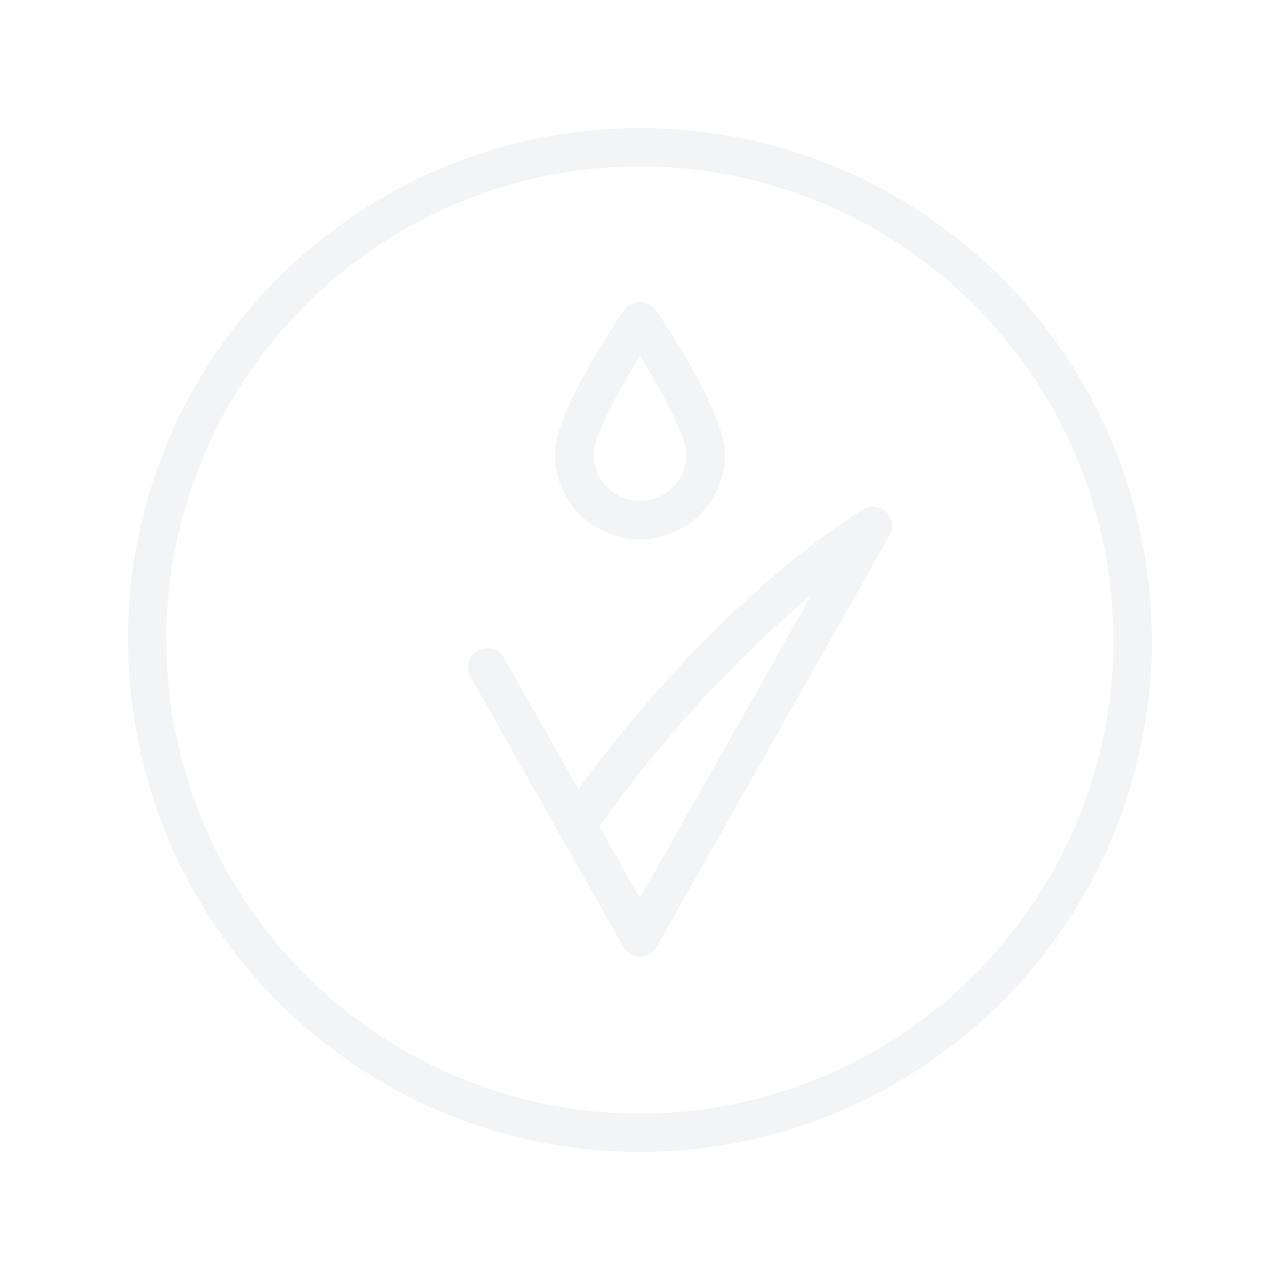 GIORGIO ARMANI Emporio Because Its You 30ml Eau De Parfum Gift Set